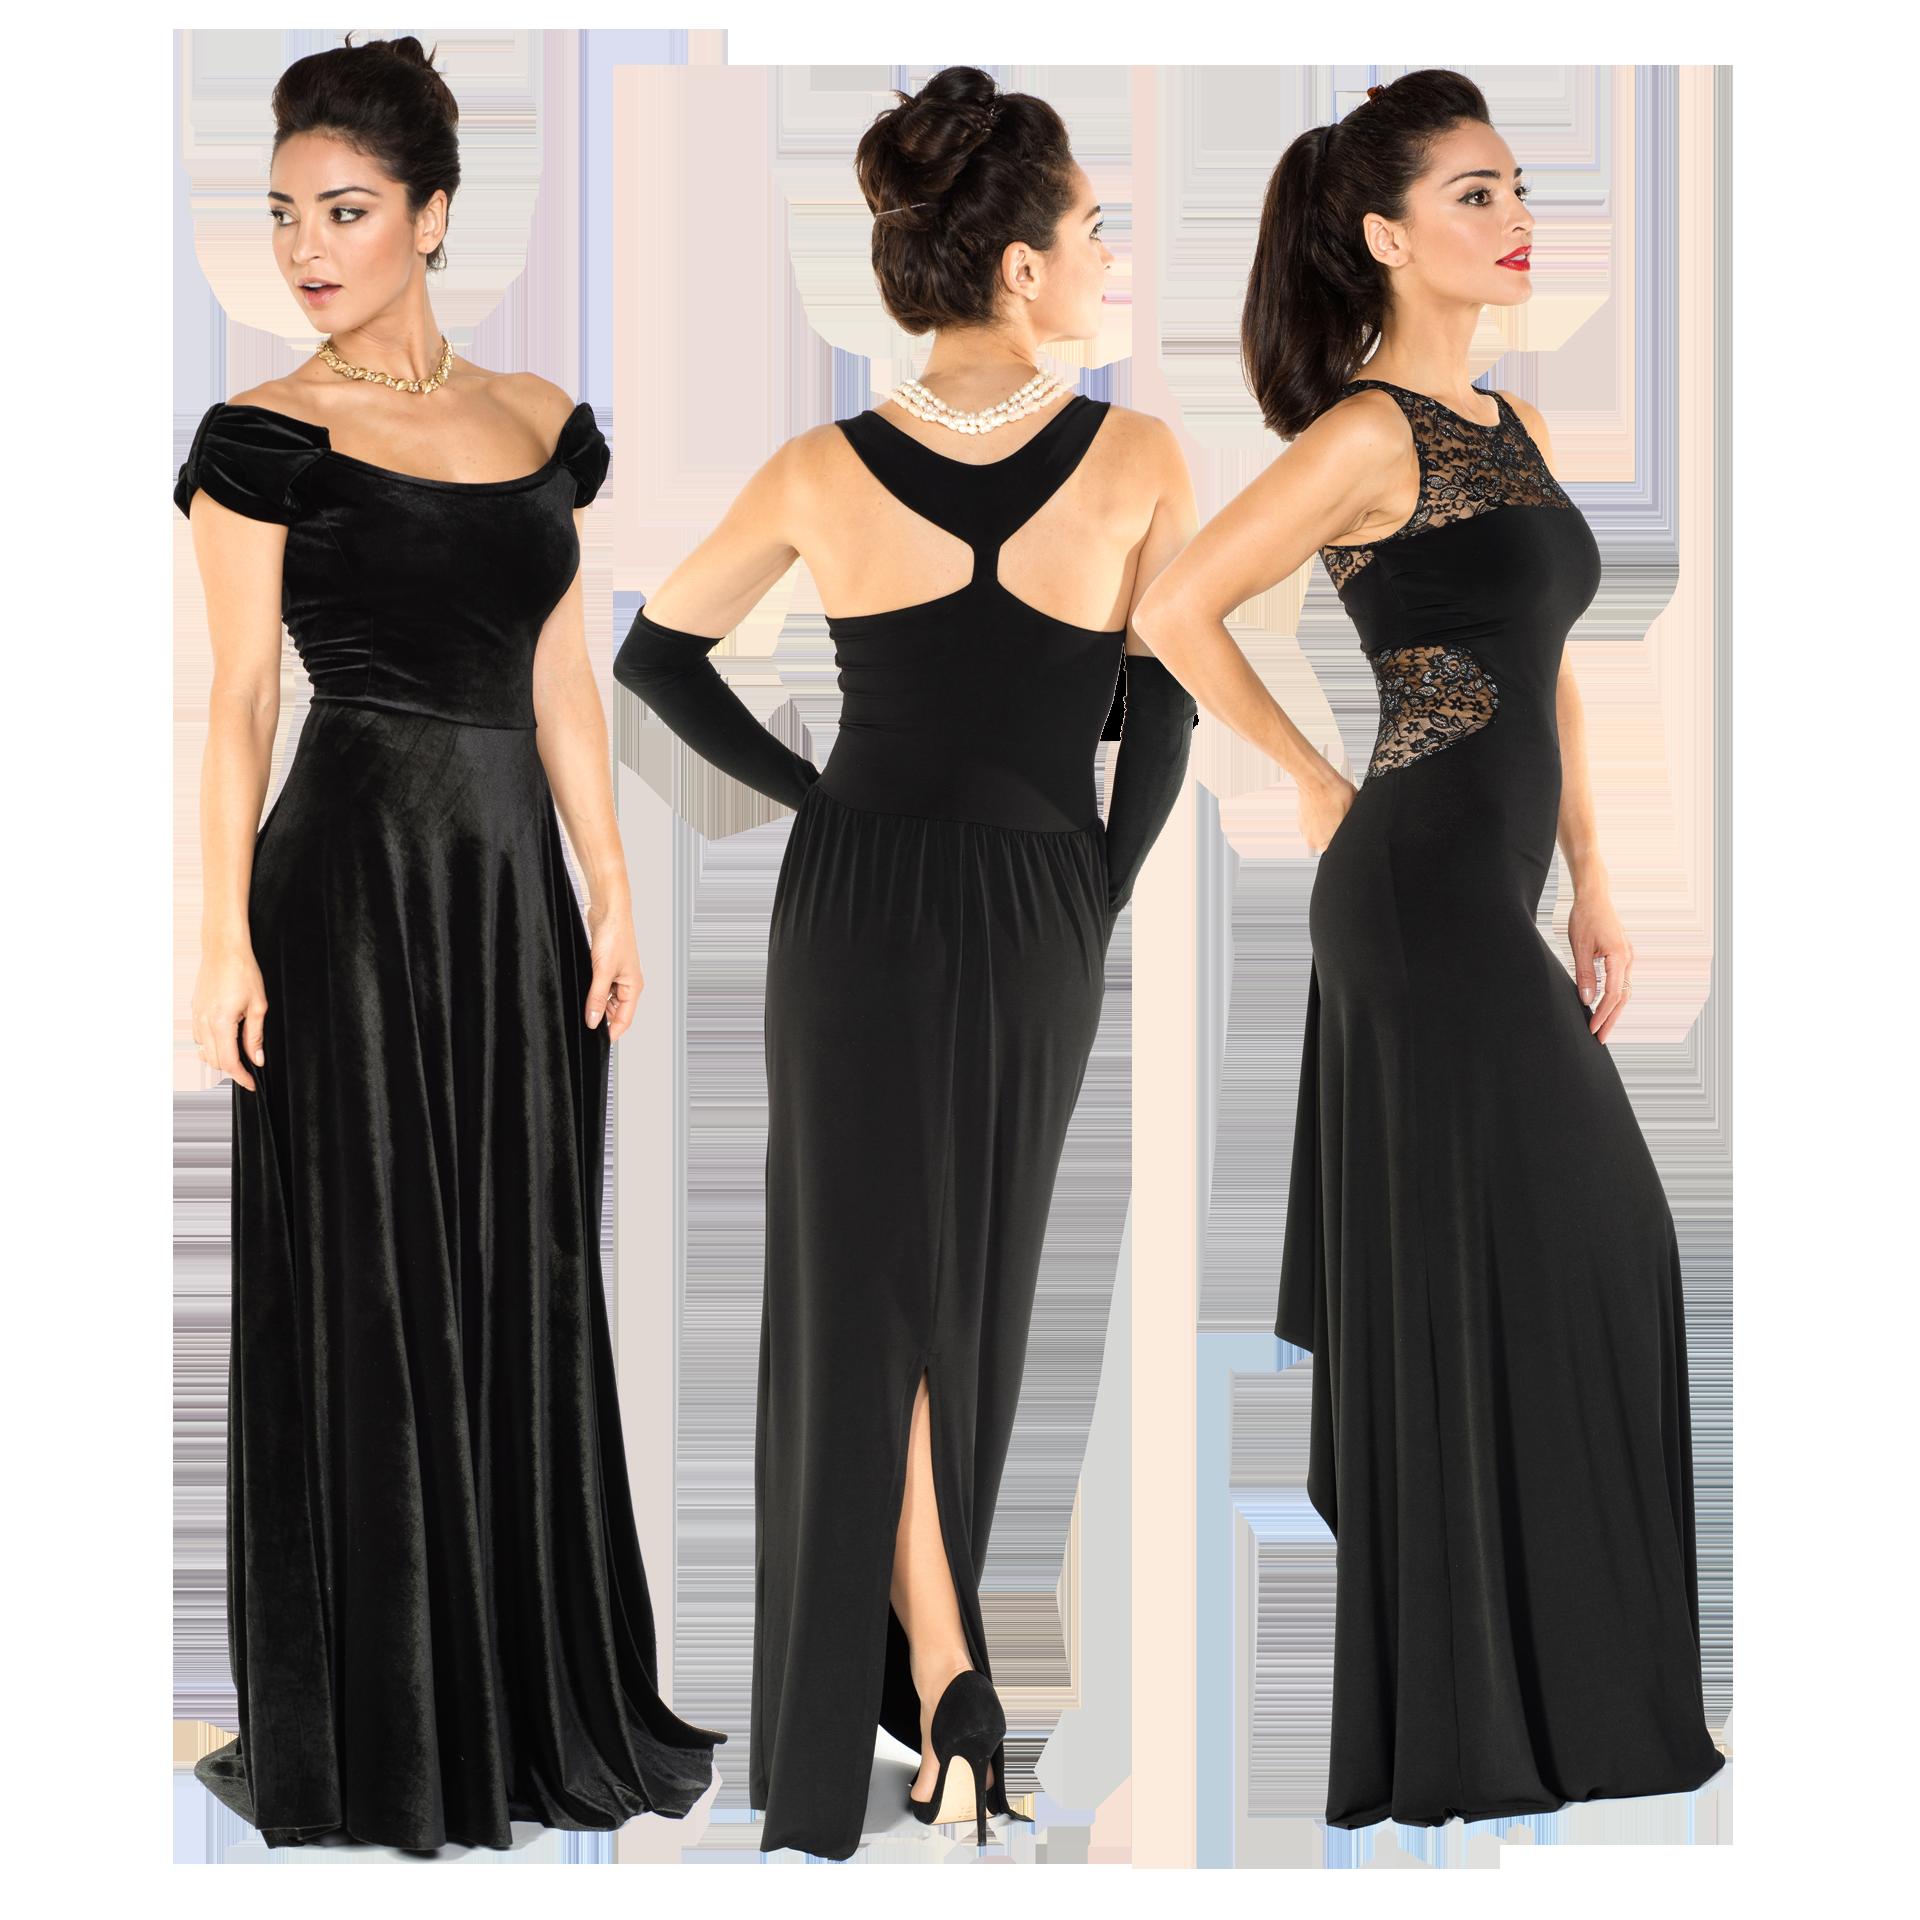 A black Tango dress